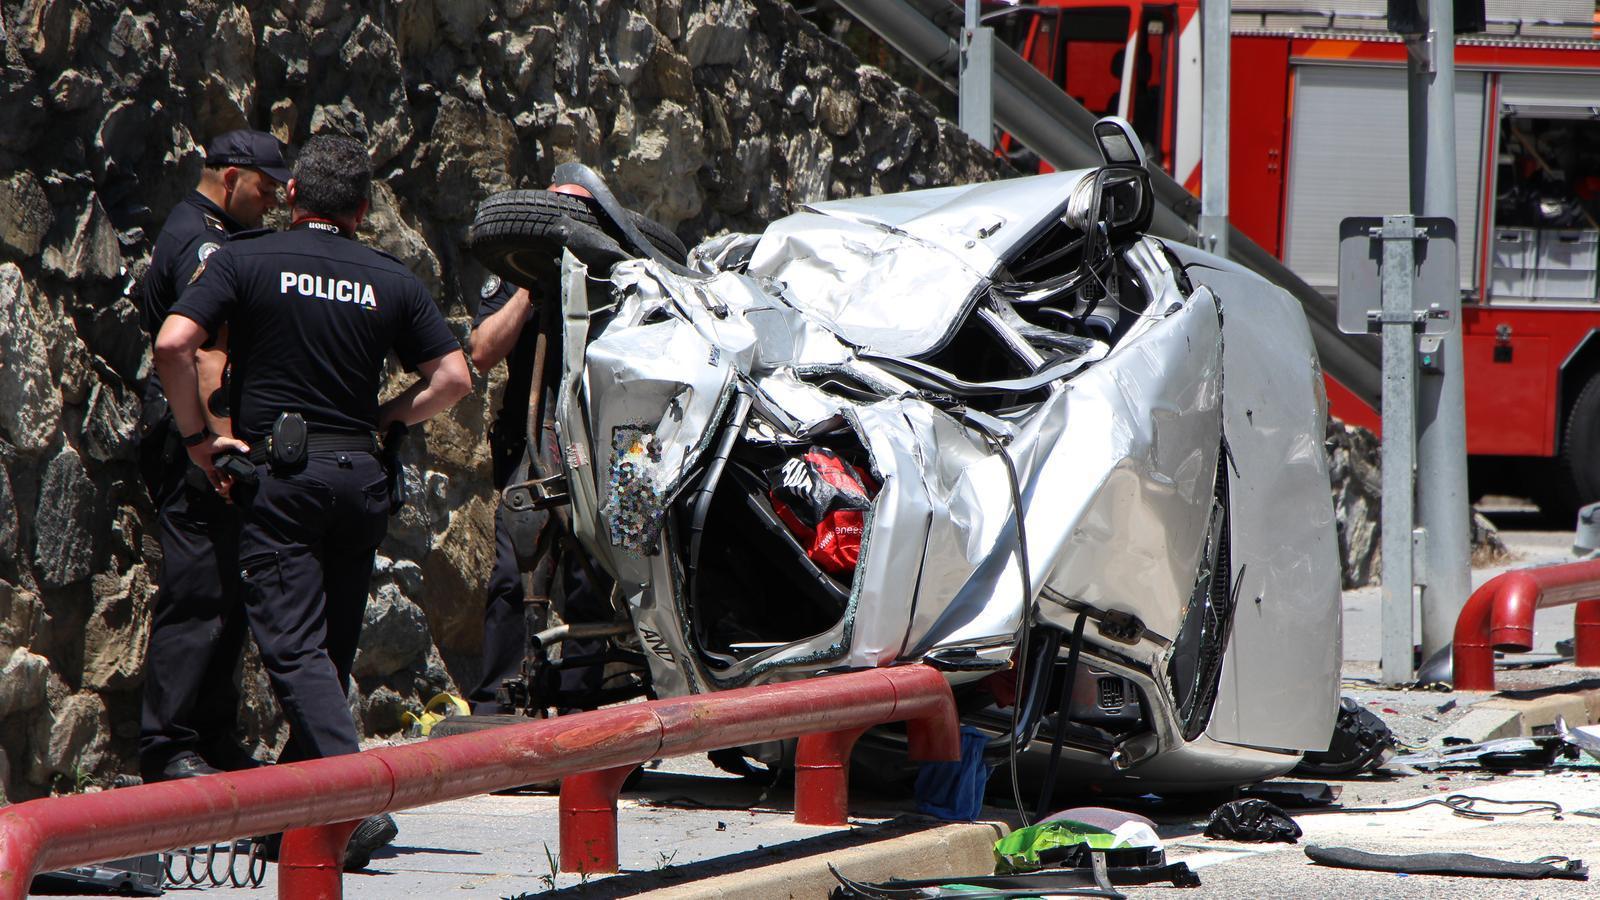 Així ha quedat un dels dos vehicles implicats en l'accident mortal. / M. R. F.